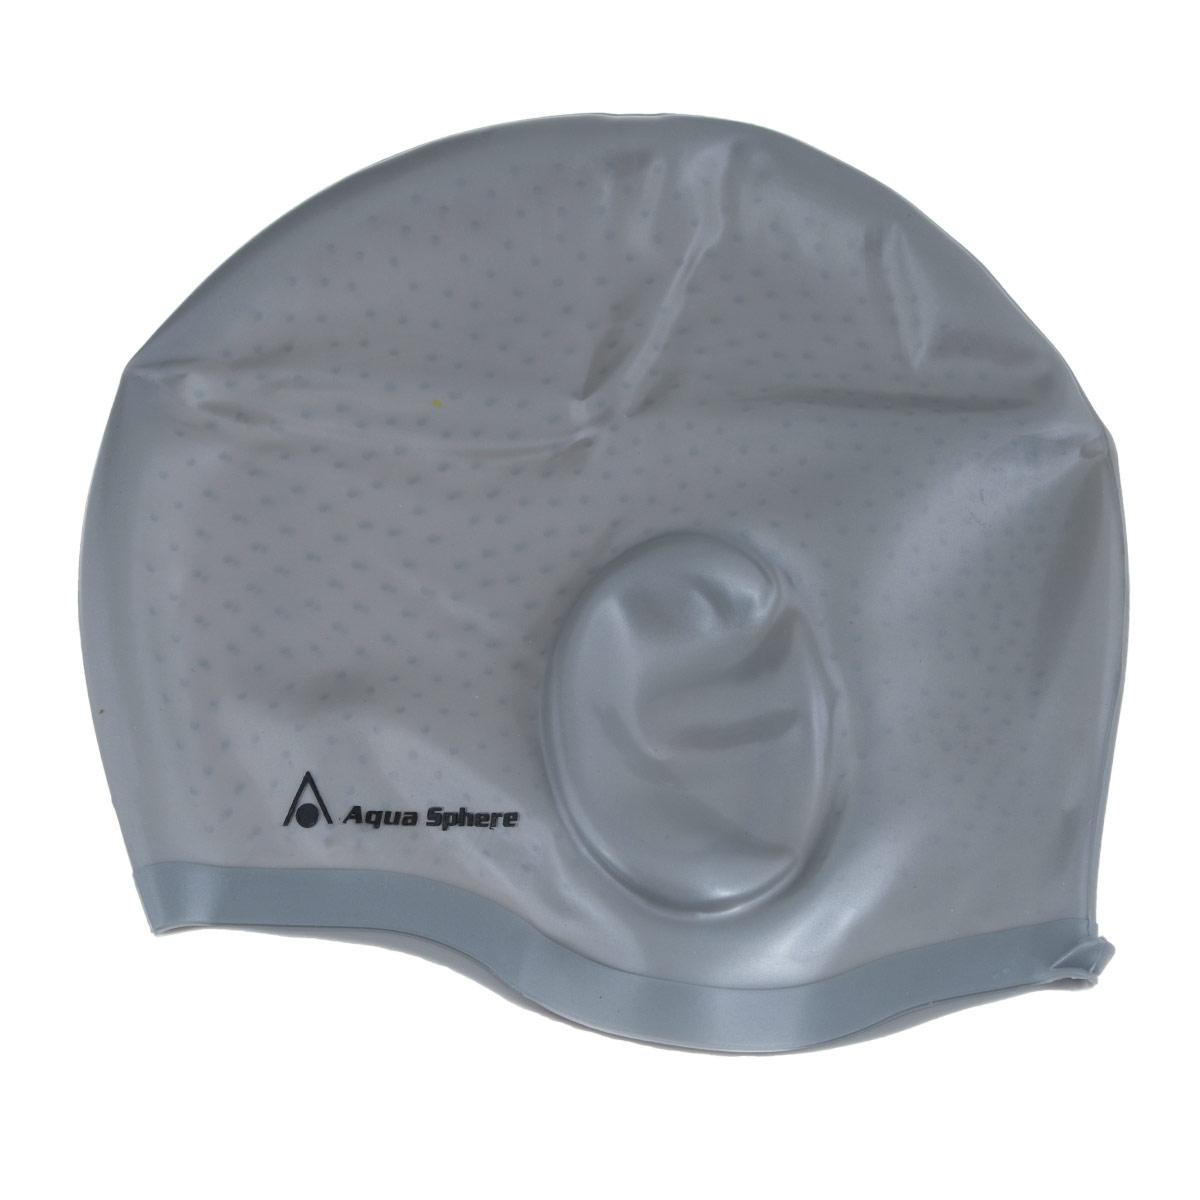 Шапочка для плавания Aqua Sphere Aqua Glide, цвет: серебристыйSP 20919SАнатомическая силиконовая шапочка Aqua Sphere Aqua Glide выполнена из высококачественного гипоаллергенного силикона. Специальные ушные карманы уменьшают давление шапочки на уши и предотвращают ее соскальзывание. Пупырчатая внутренняя поверхность также препятствует соскальзыванию. Шапочка обеспечивает 100% защиту от ультрафиолетового излучения.